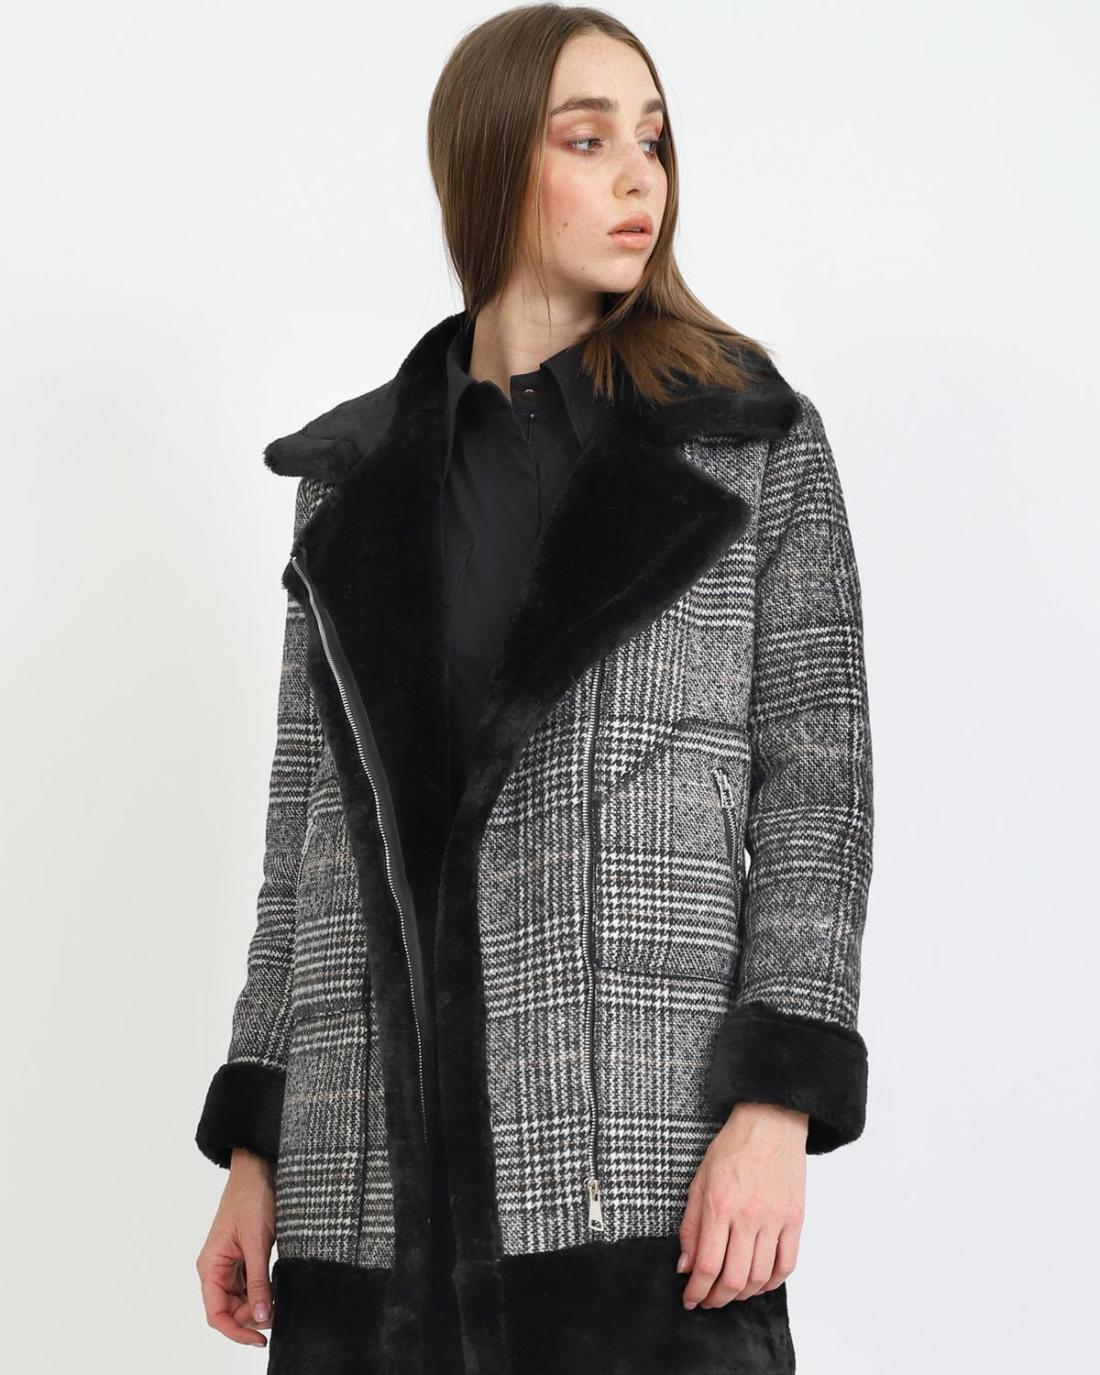 Παλτό μαύρο